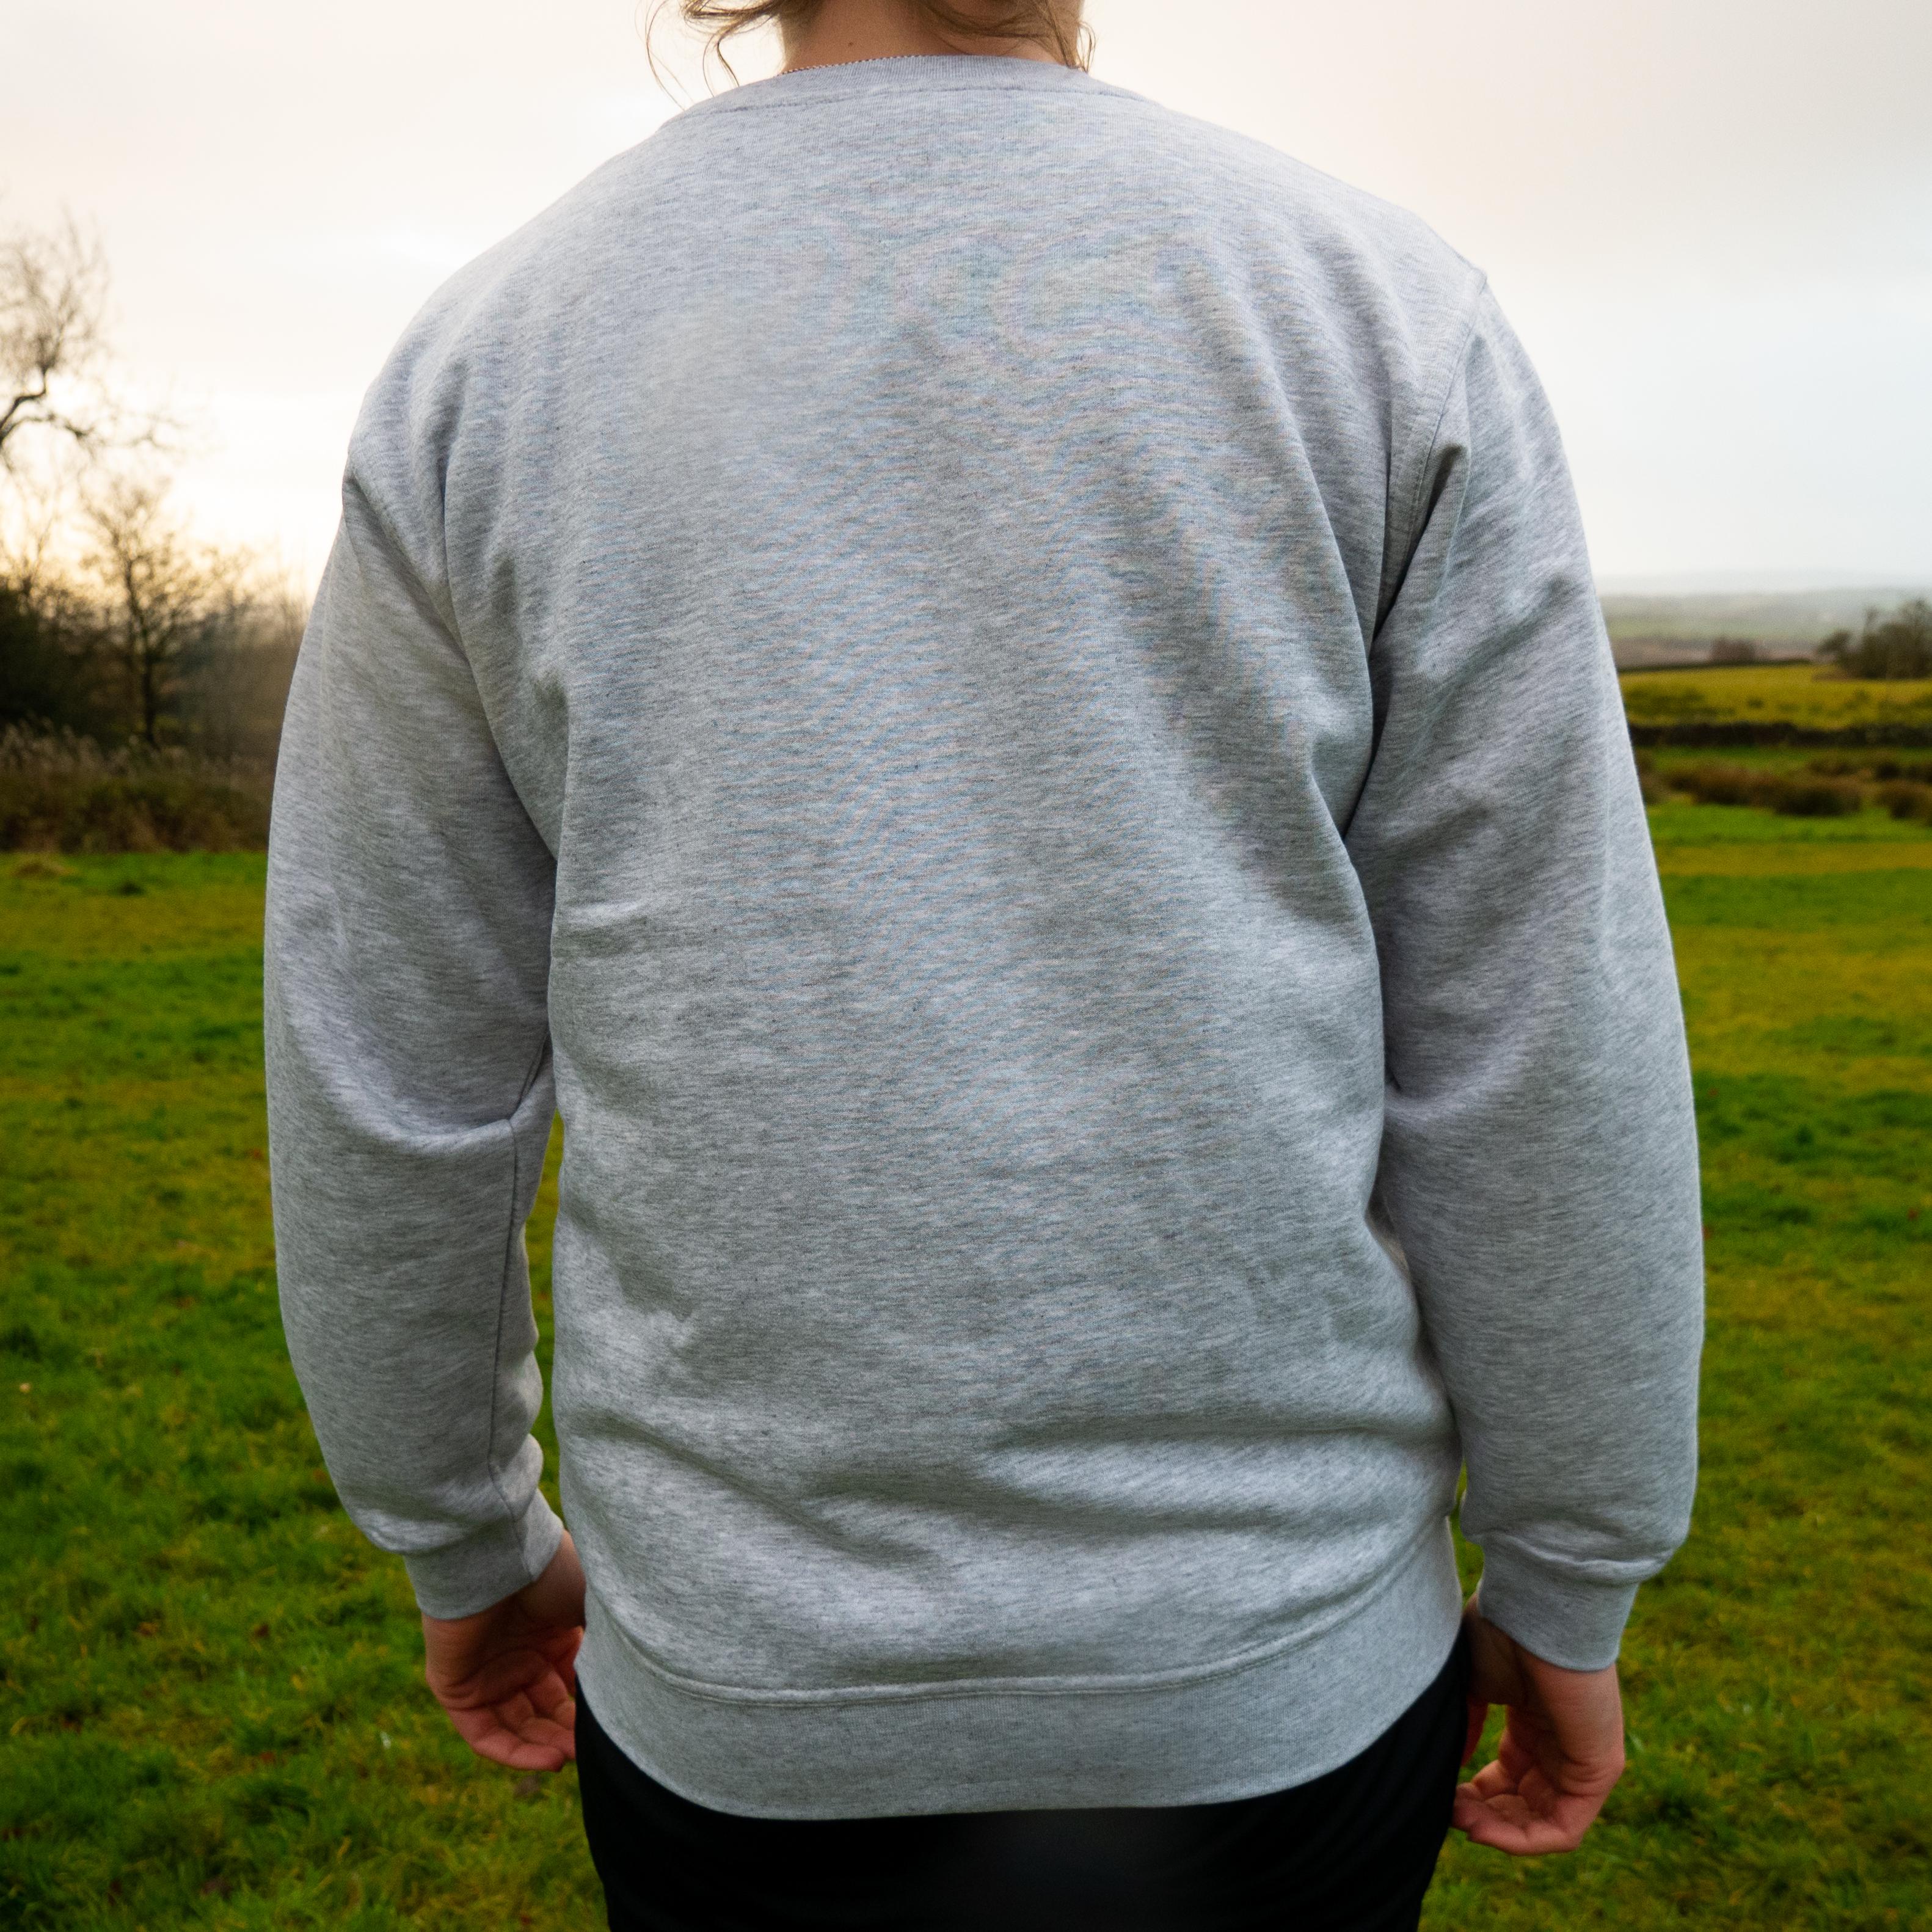 gowaan sweater